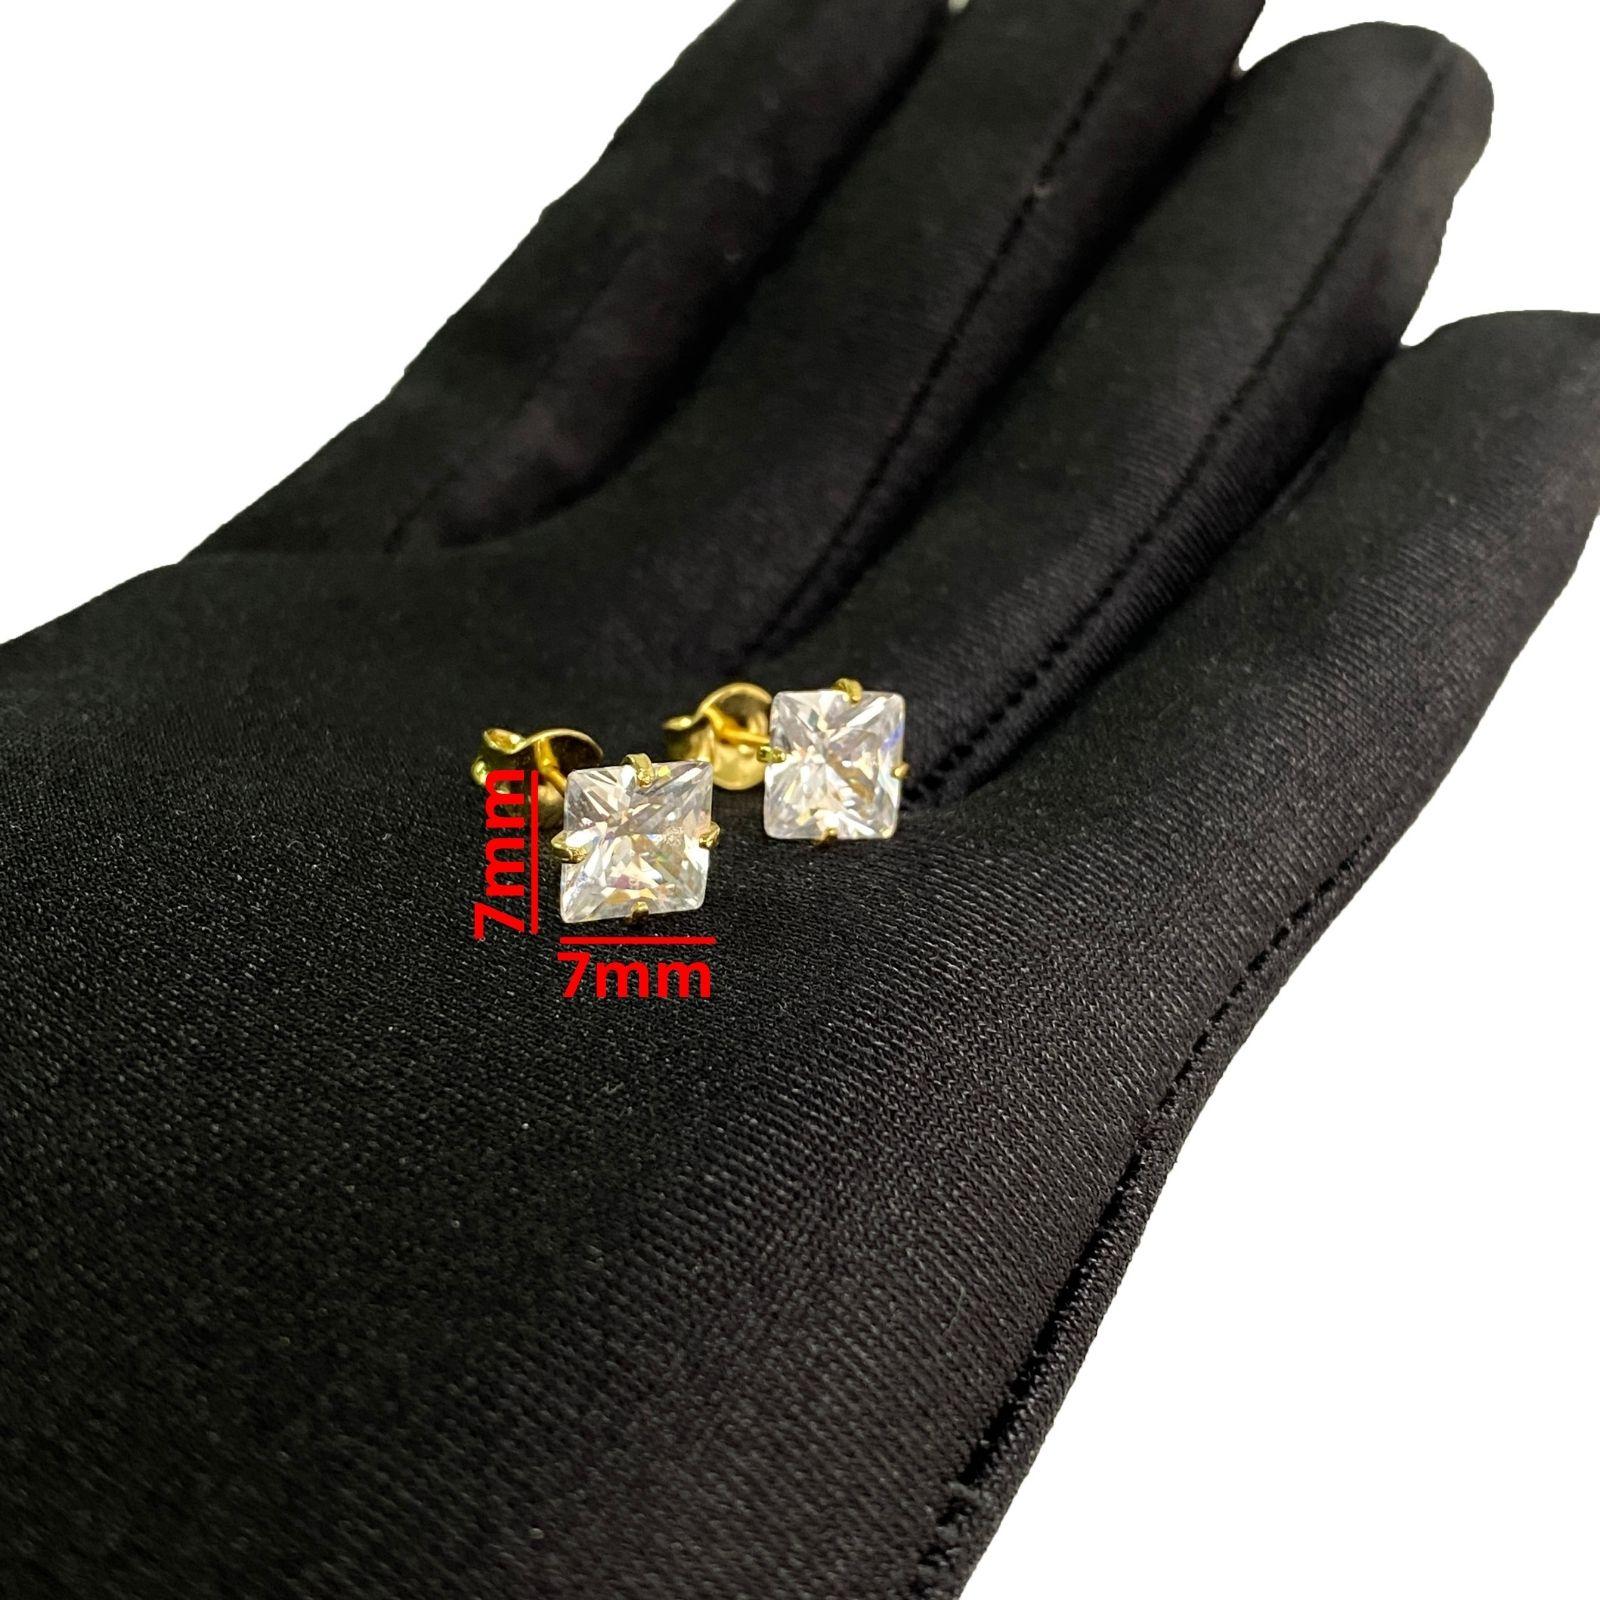 Brinco Pedra de Zircônia Quadrado 7mm X 7mm (Banho Ouro 24k)